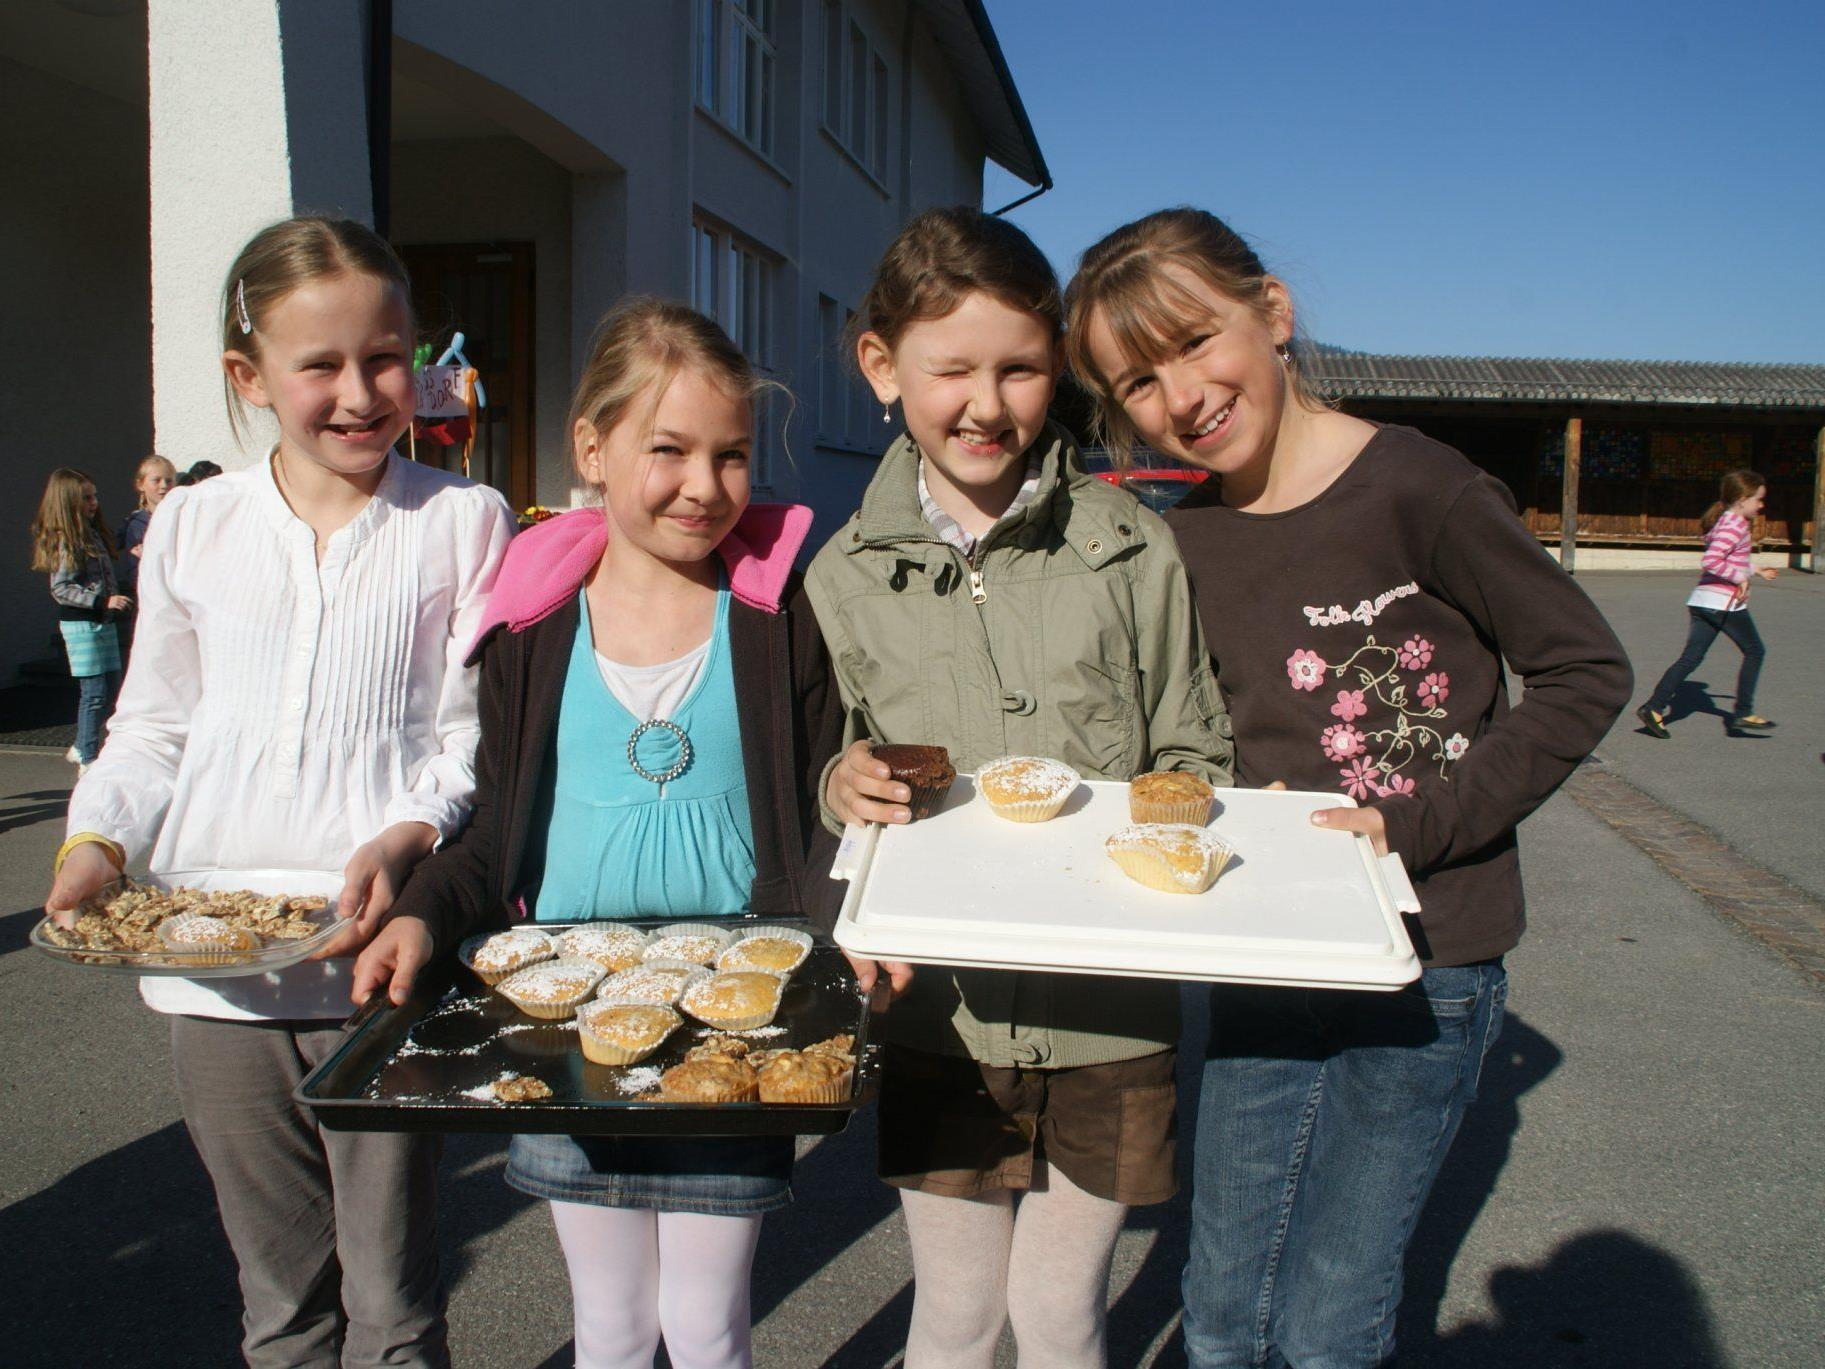 Köstliche Muffins ür hungrige Leseratten...